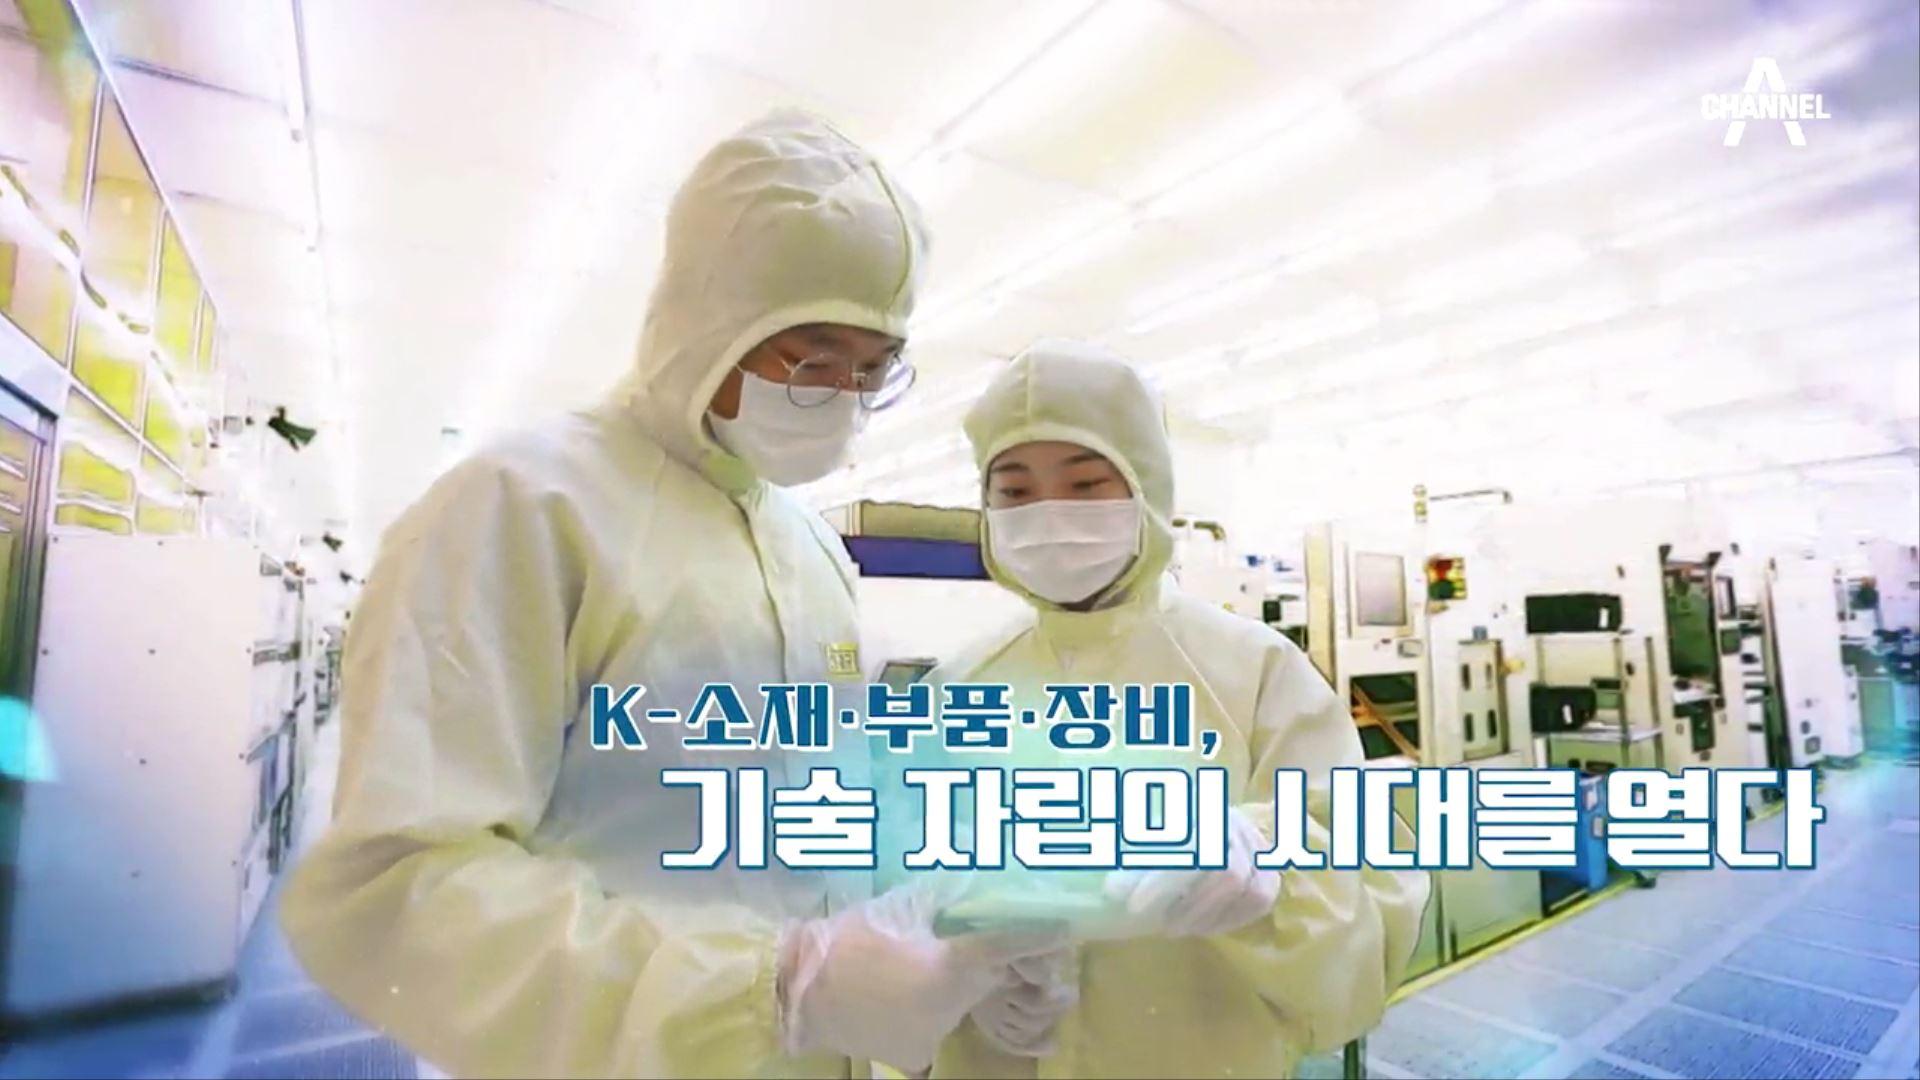 특별기획 K-소재 부품장비, 기술 자립의 시대를 열다